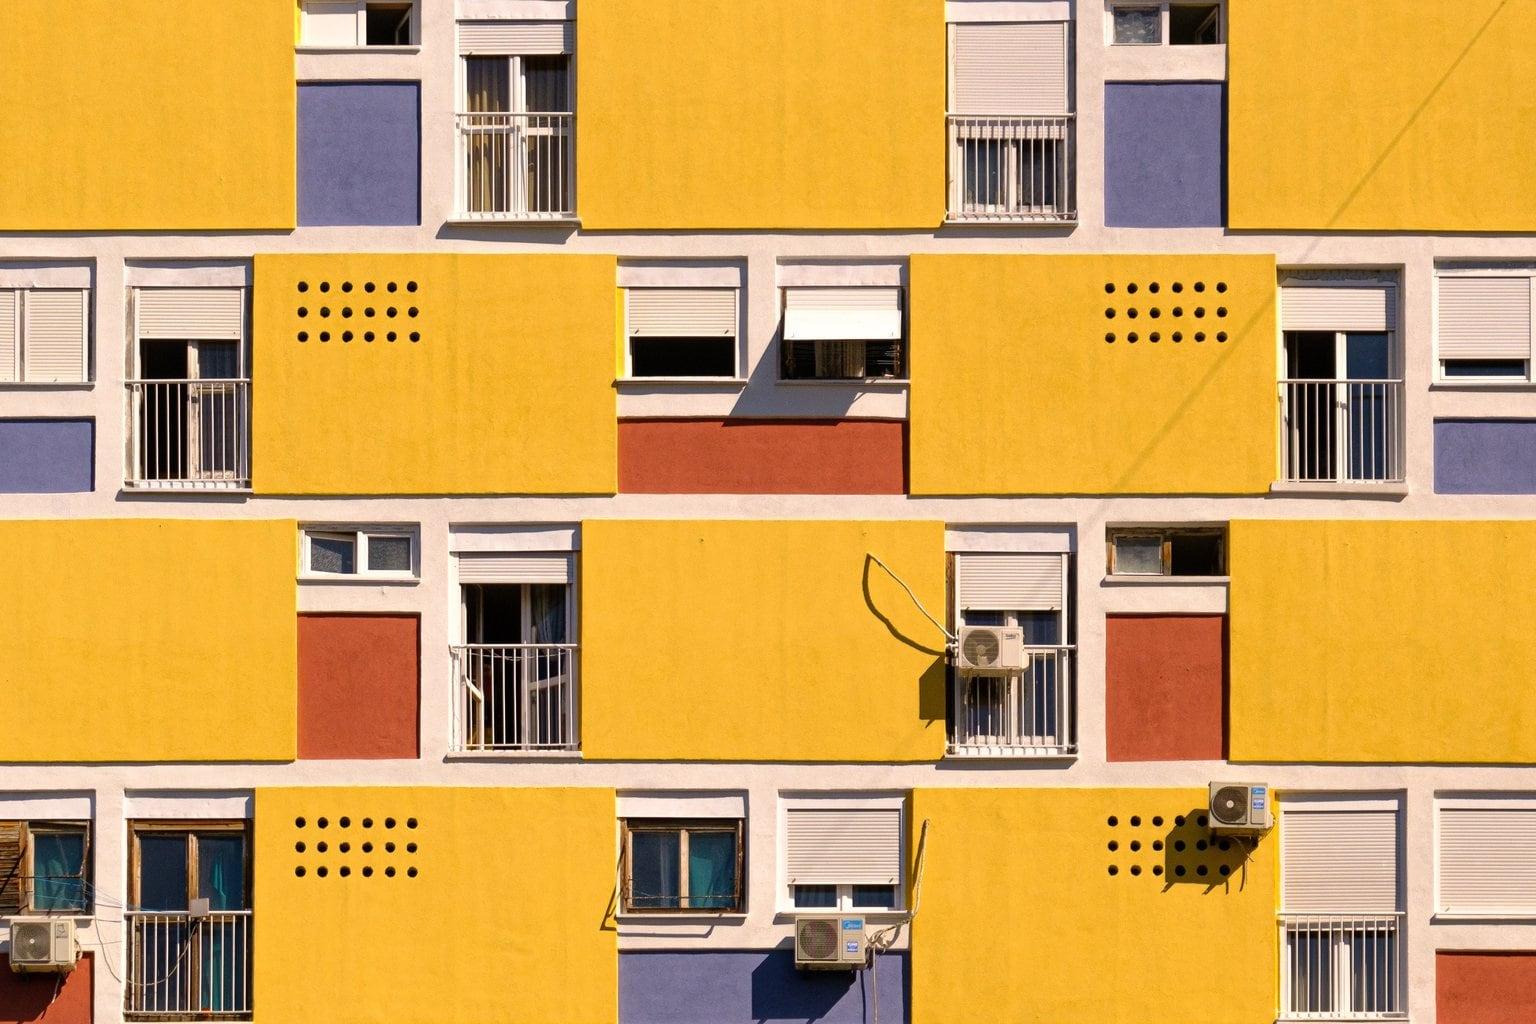 fachada color amarillo